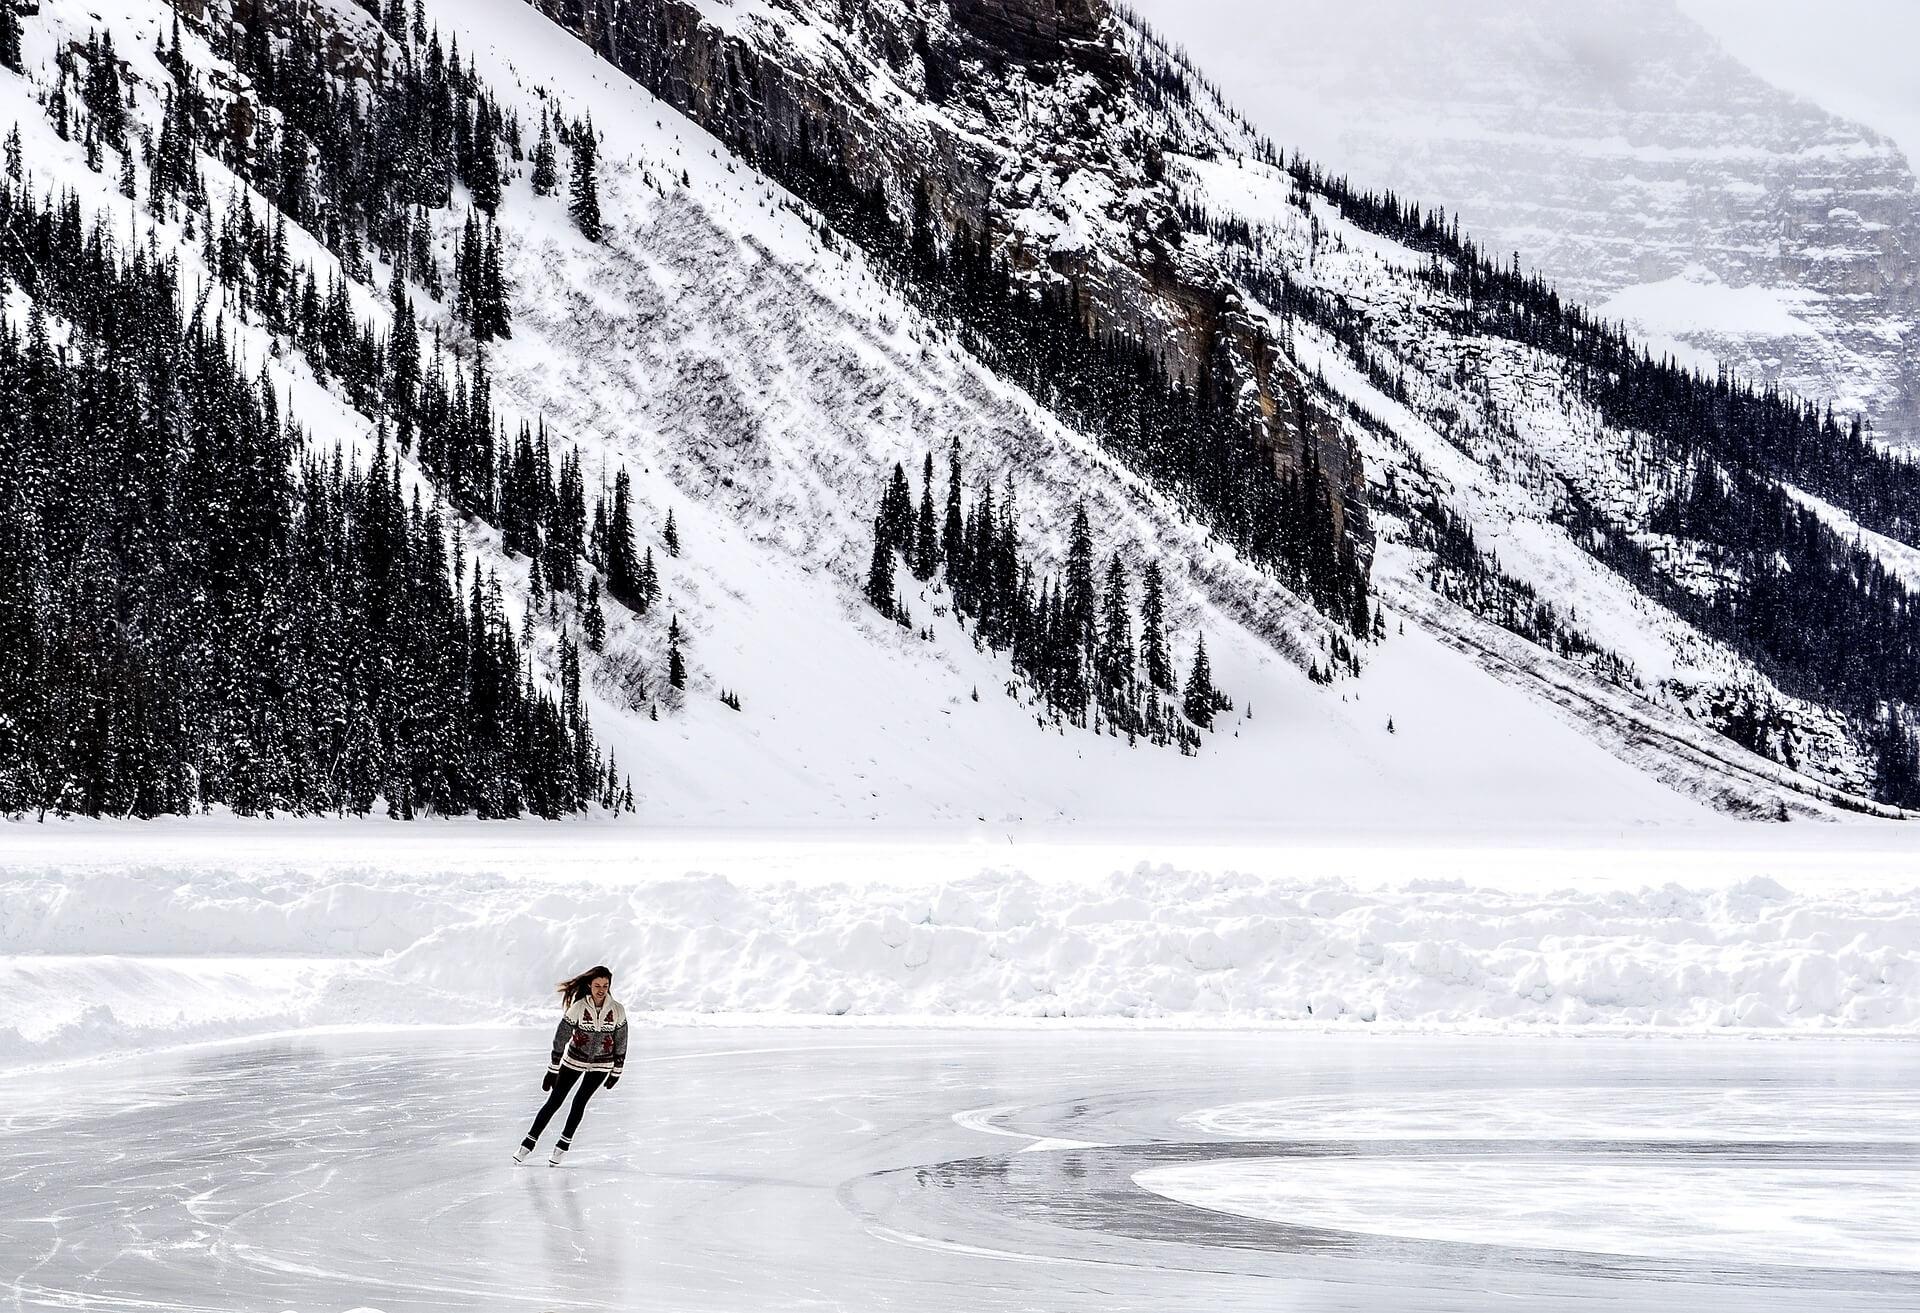 Schlittschuhlaufen Eislaufen Schlittschuhbahnen Eislaufbahnen